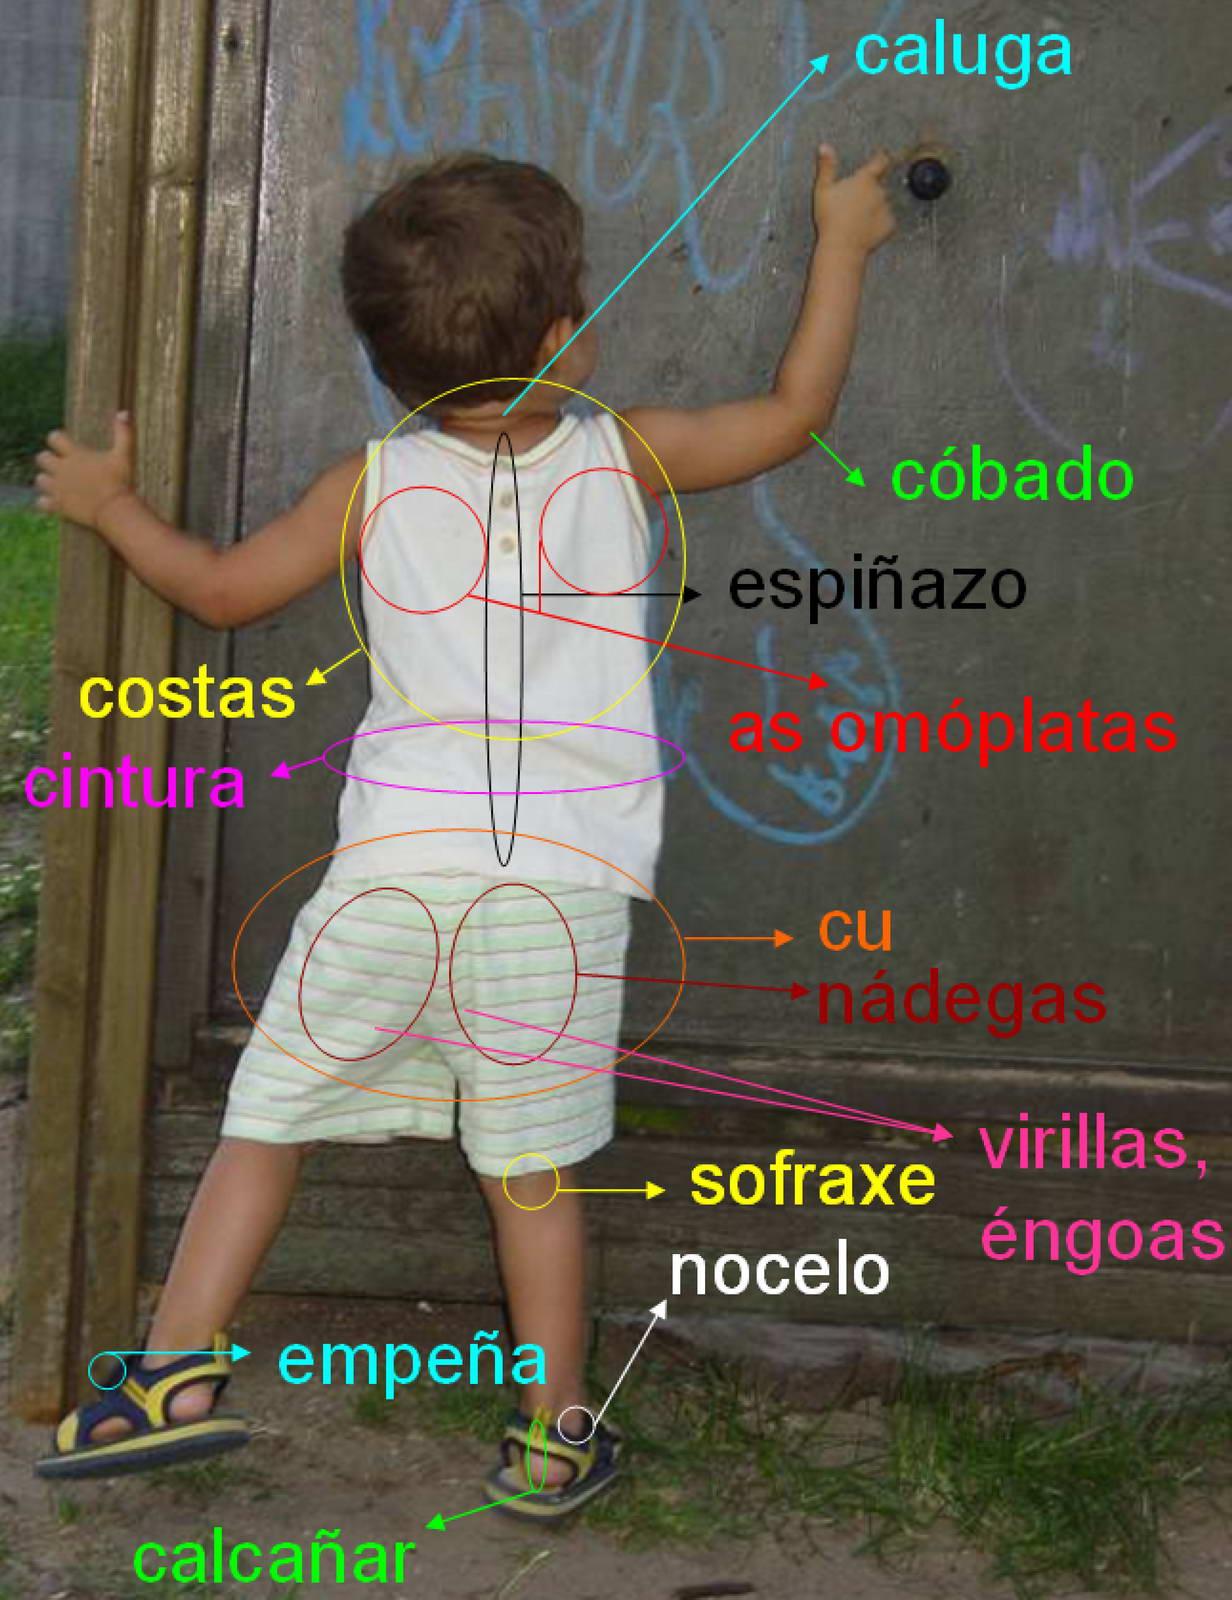 partes_do_corpo_3